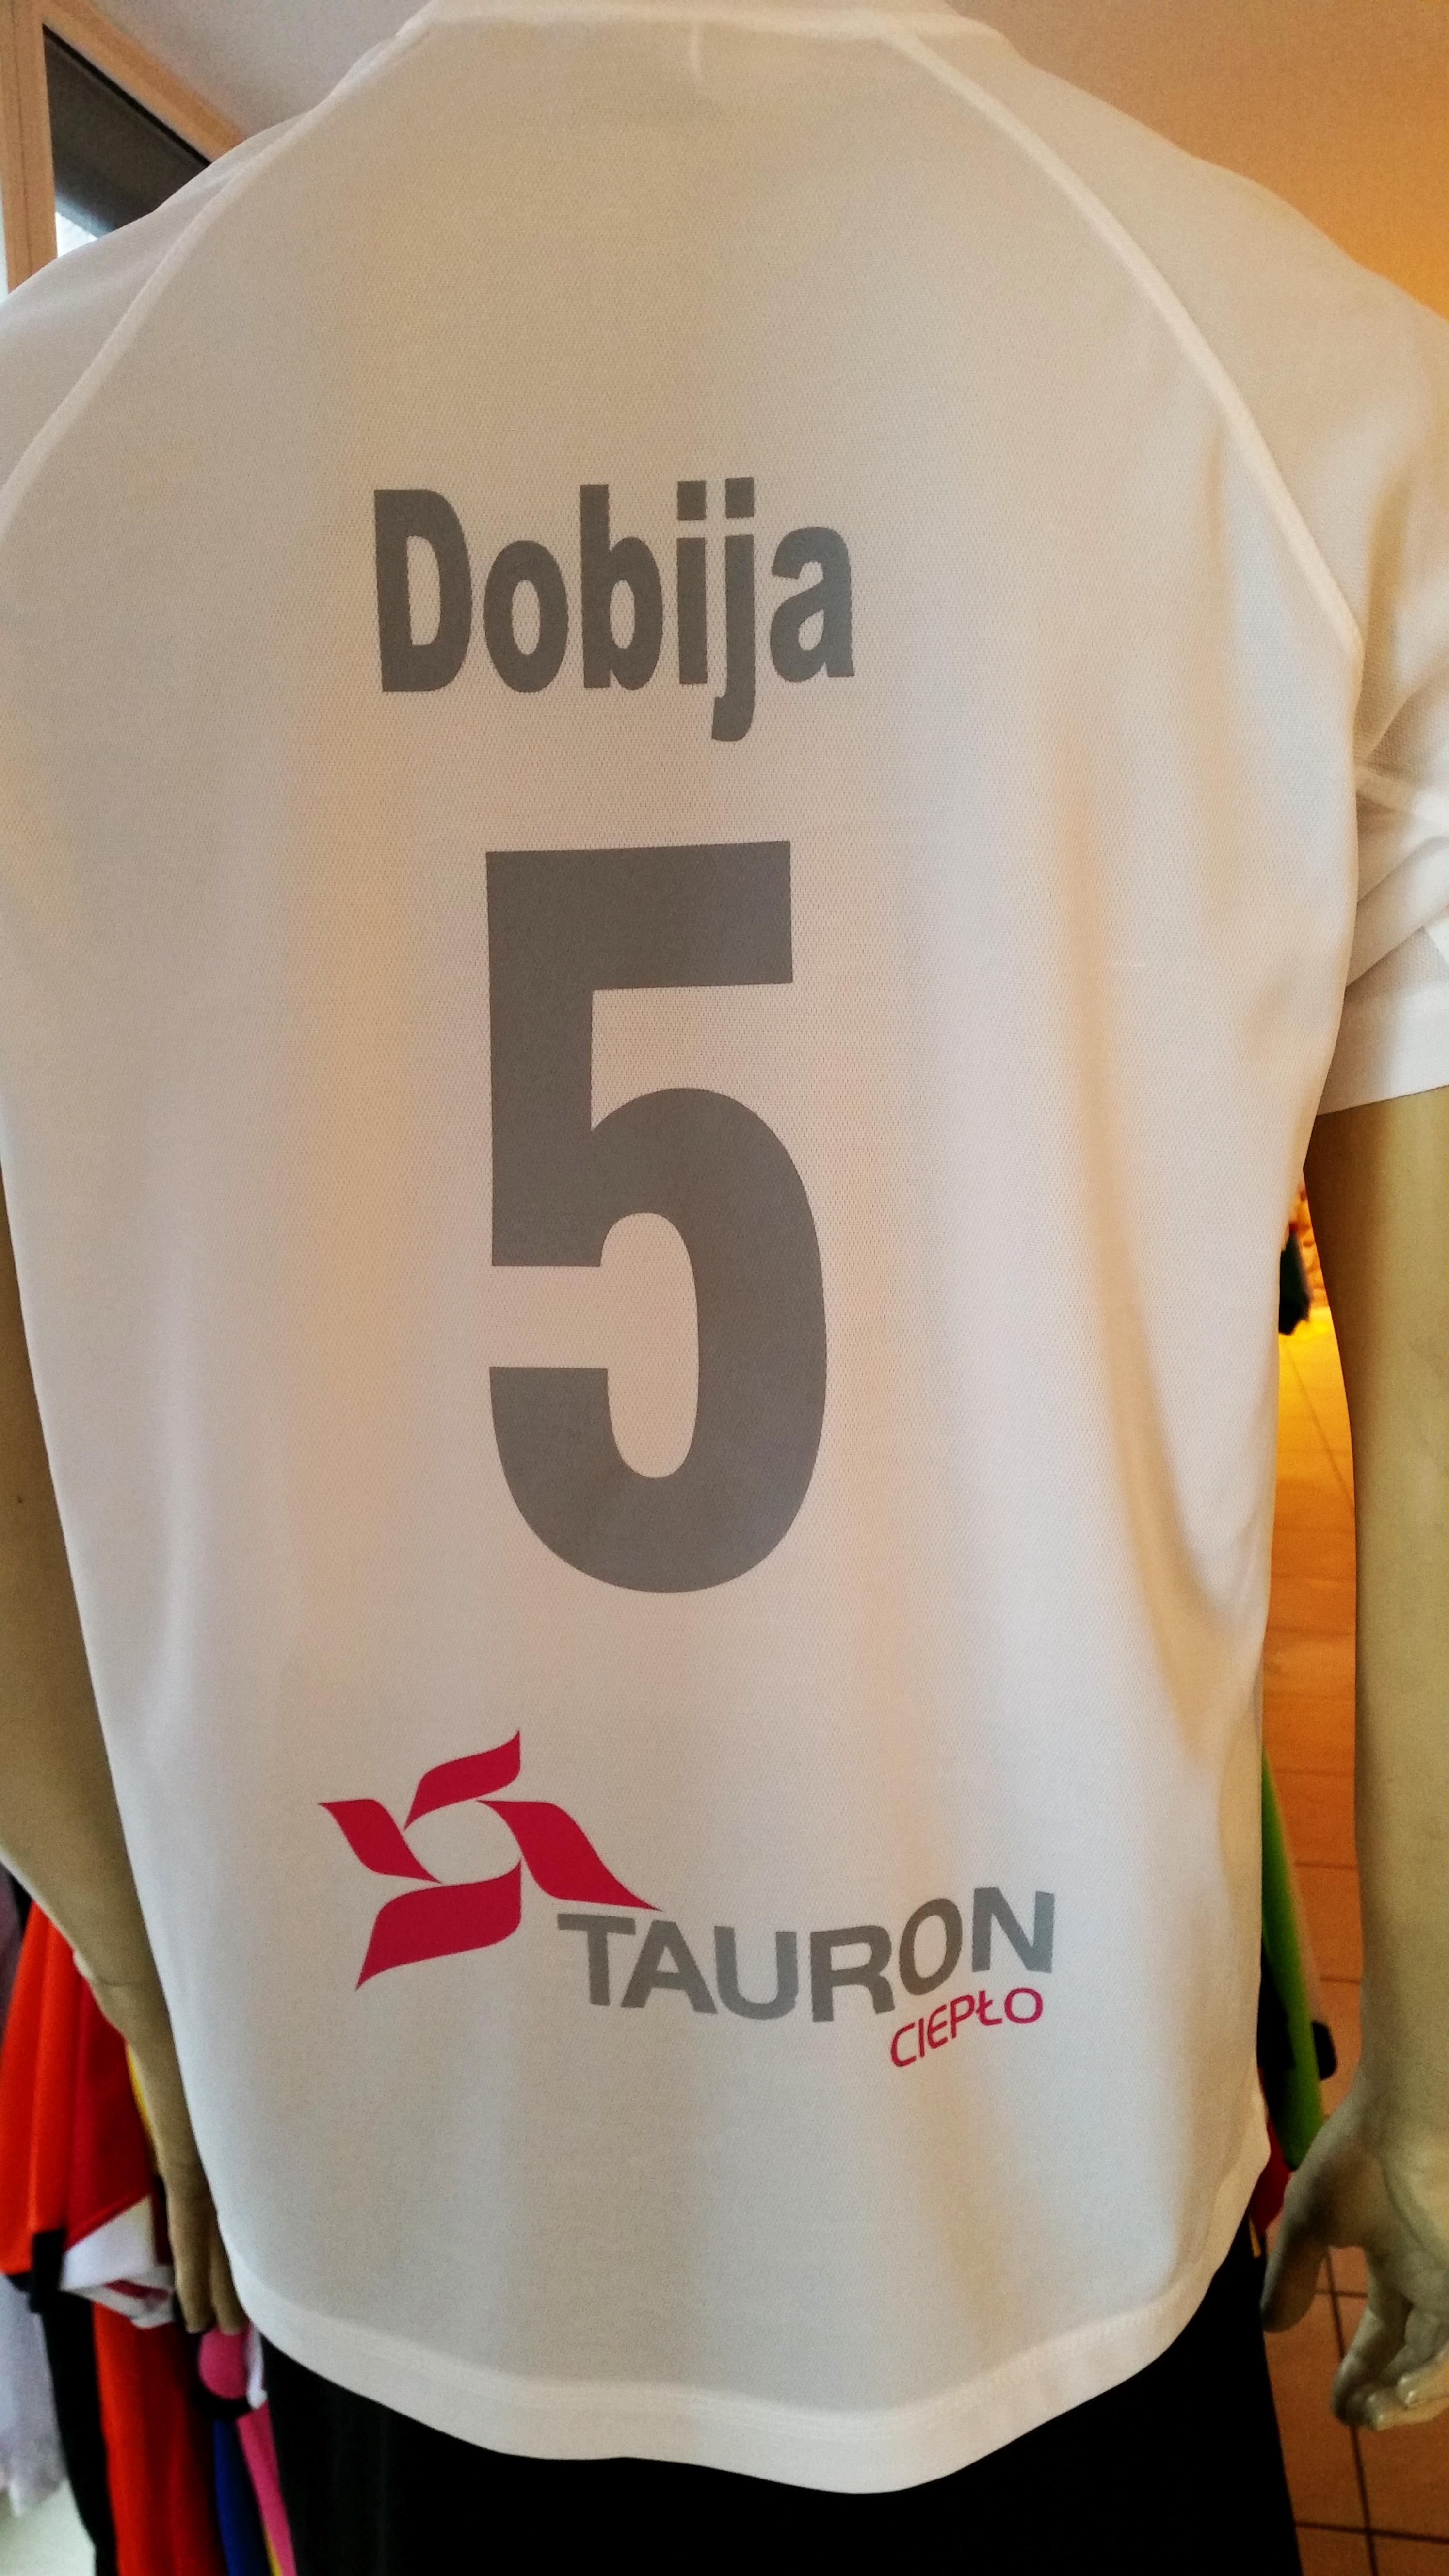 nadruk numer, napis i logo na koszulce sportowej